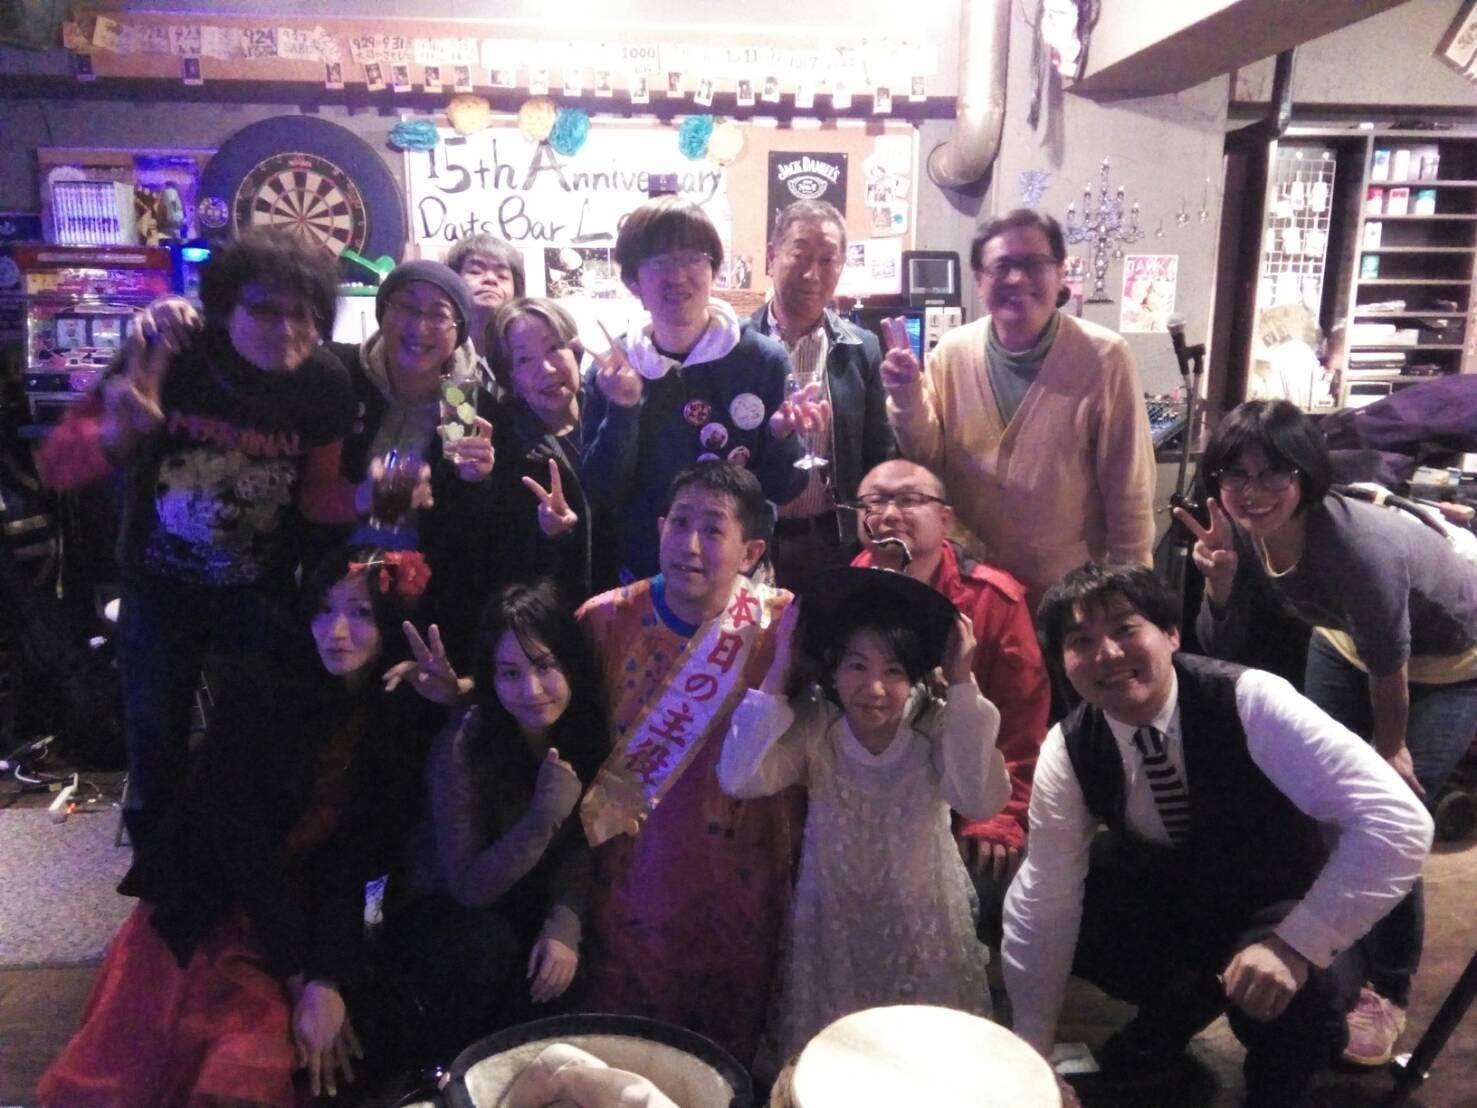 [画像や皆様のツィート集、動画] ひんでん 高橋 秀樹 56歳 お誕生日会。(LIVE Party)